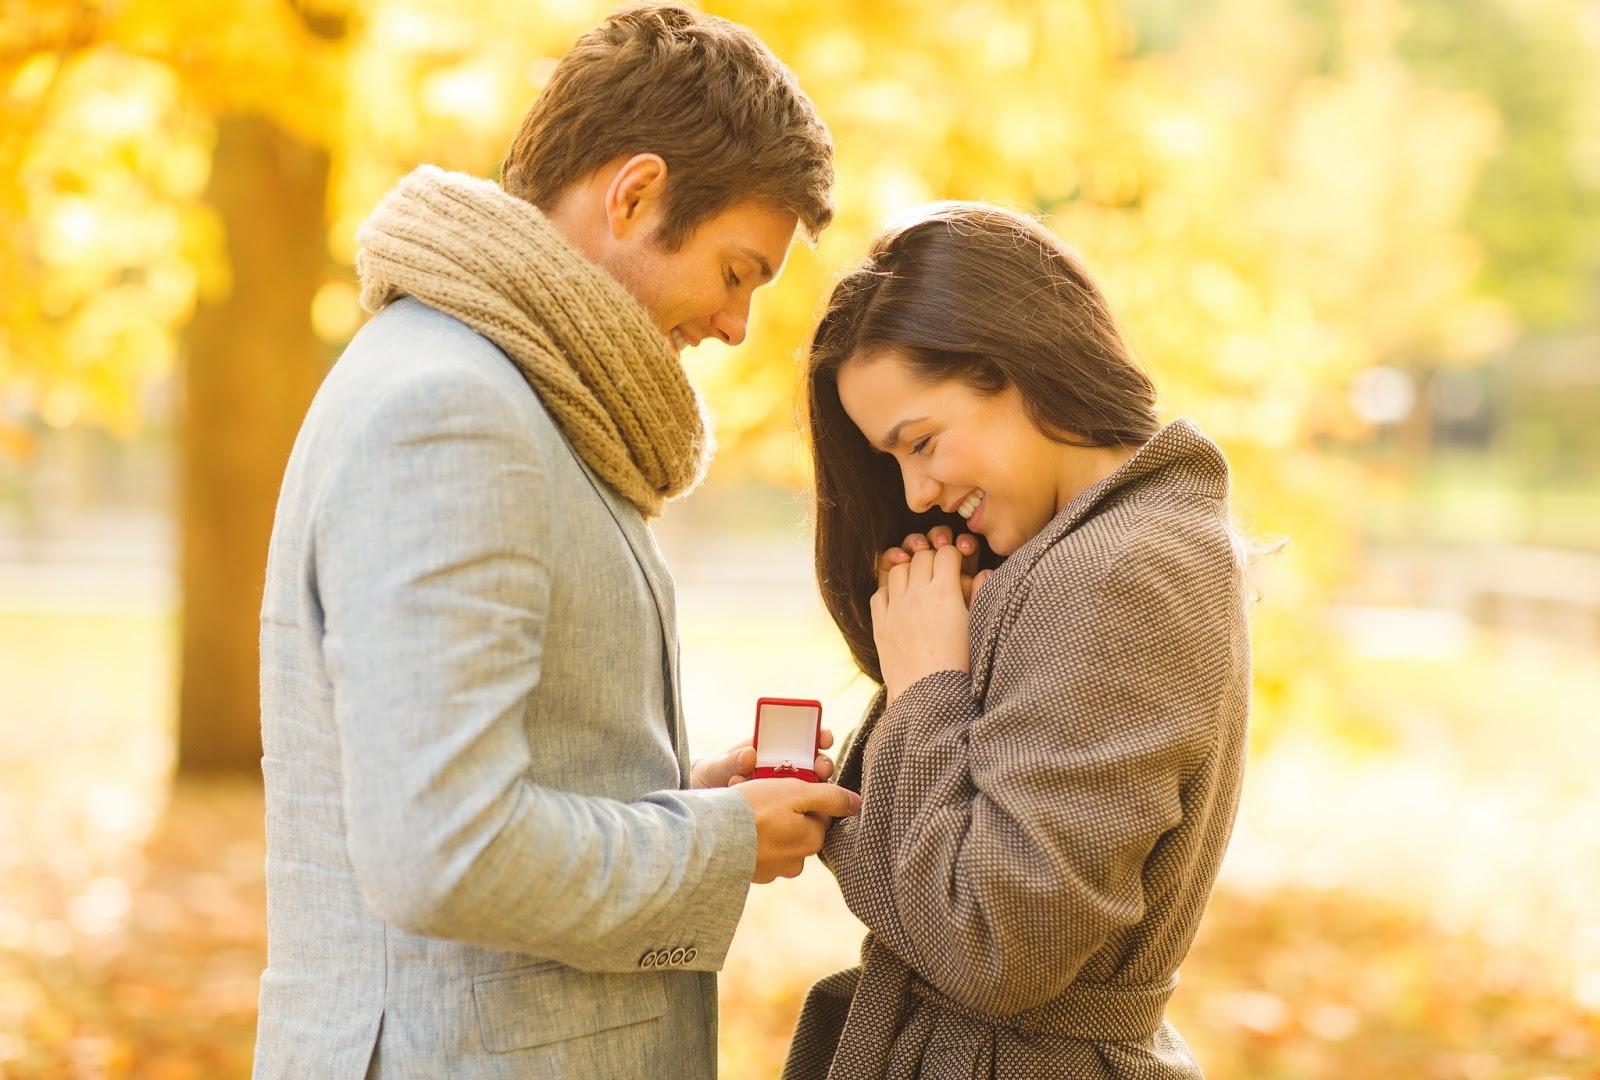 بالصور اجمل رومانسيه , اجمل الكلمات و العبارات الرومانسيه 468 7